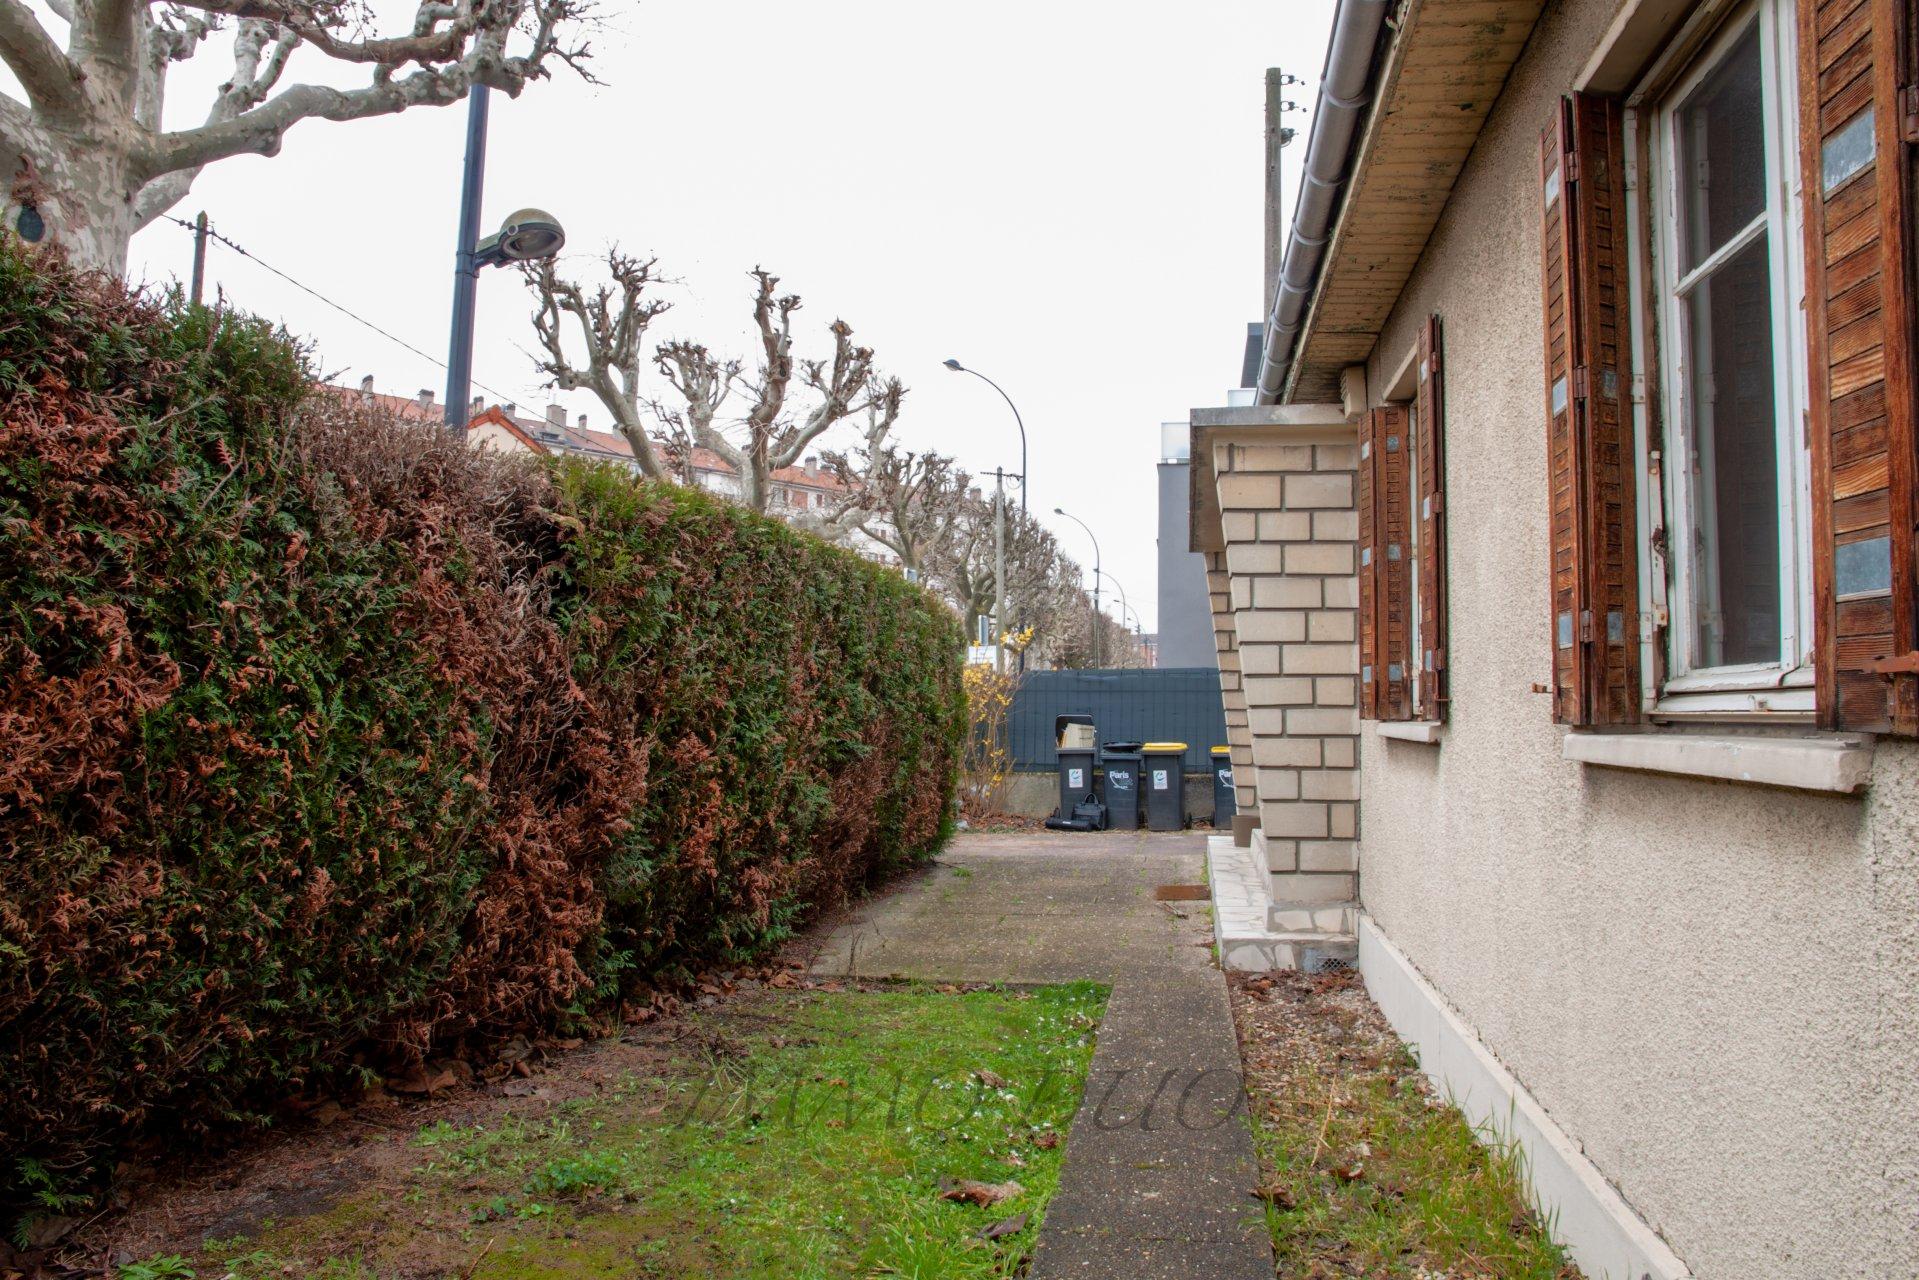 Maison 5 pièces - 105 m2 - Jardin 372 m2